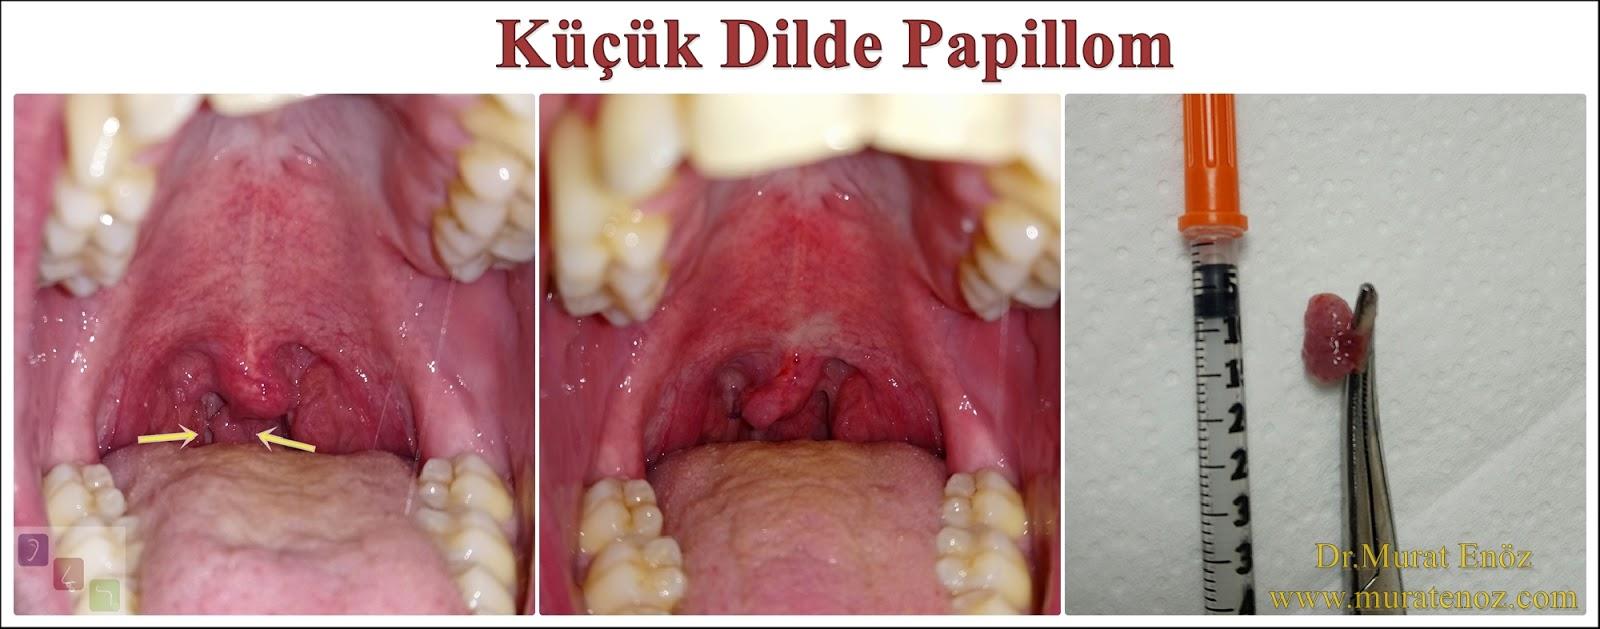 Papilloma în gât